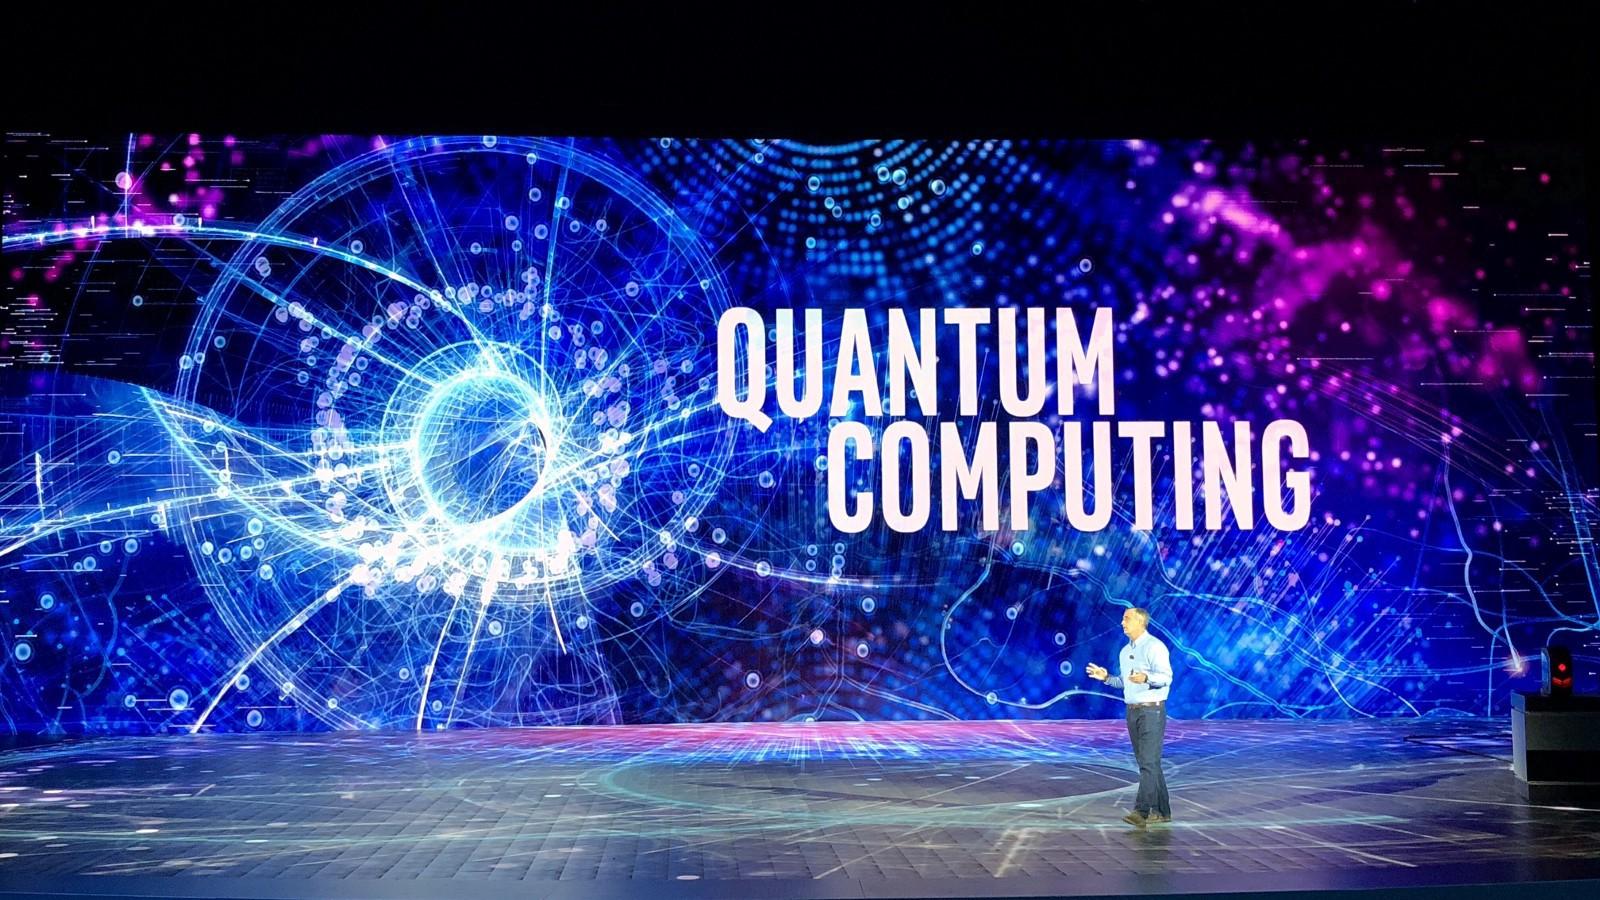 A computação quântica, se diferencia das anteriores pelo sua capacidade de <p><span>resolver problemas</span></p> em um pequeno espaço de tempo em operações binárias.